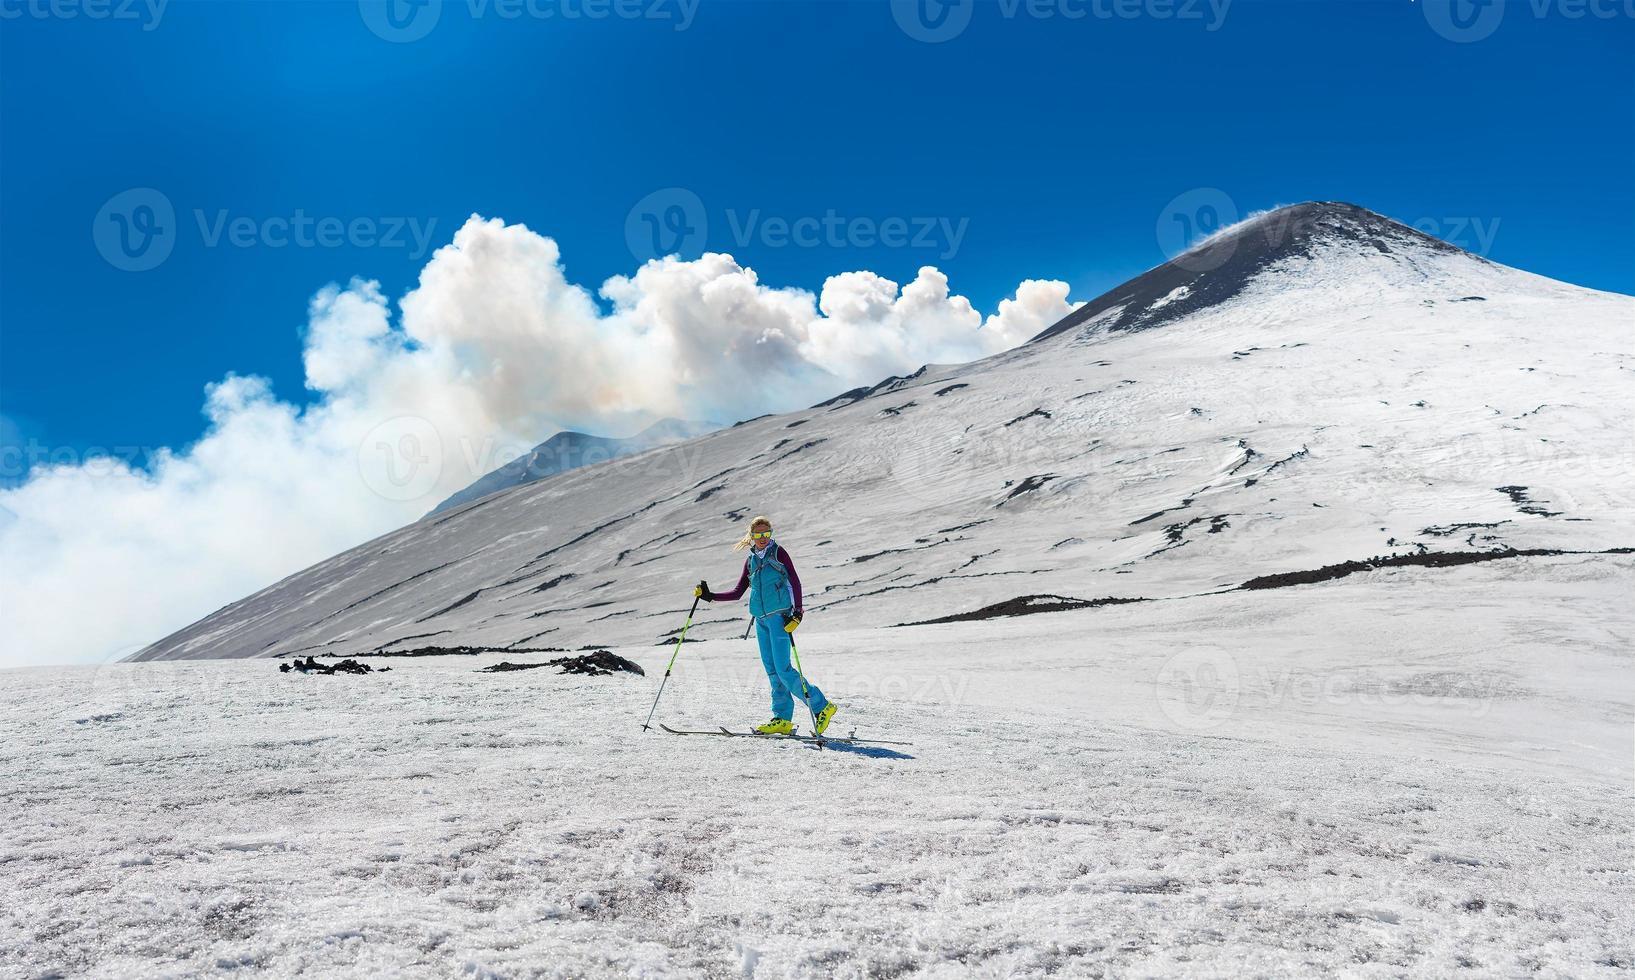 Mädchen Skitouren unter der Spitze des Kraters des Ätna foto